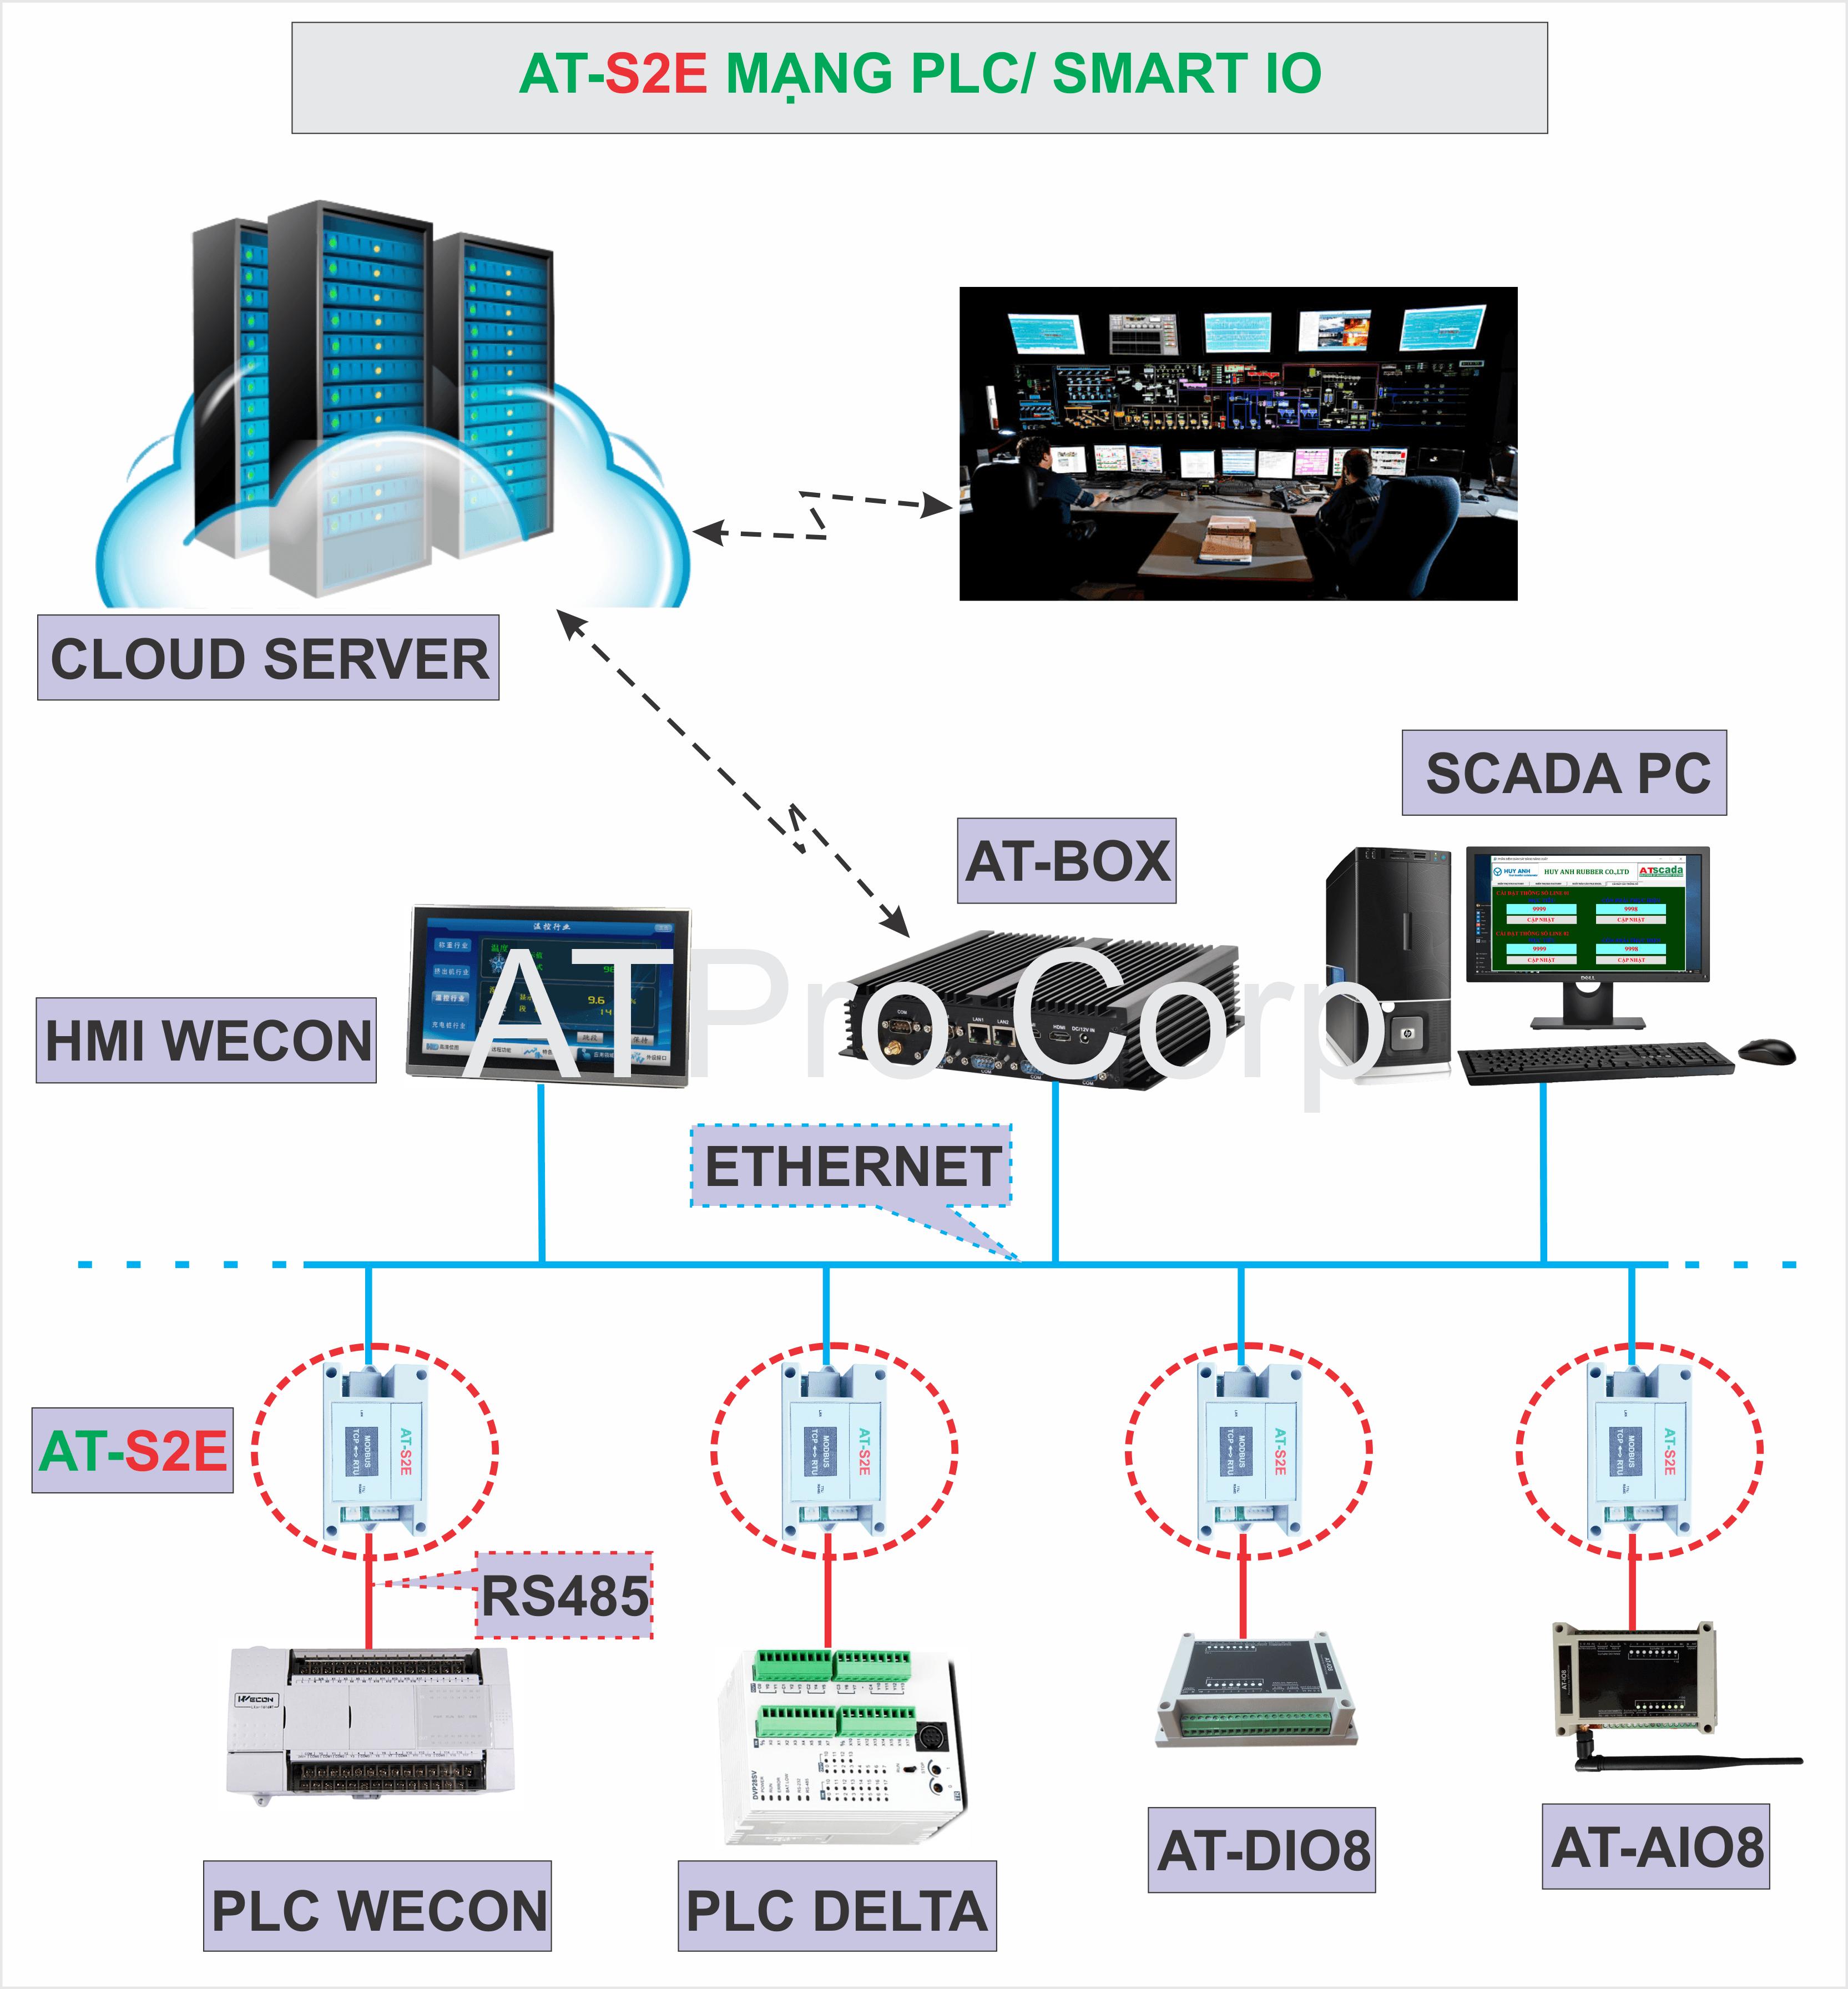 bộ chuyển đổi giao thức giữa các thiết bị PLC HMI